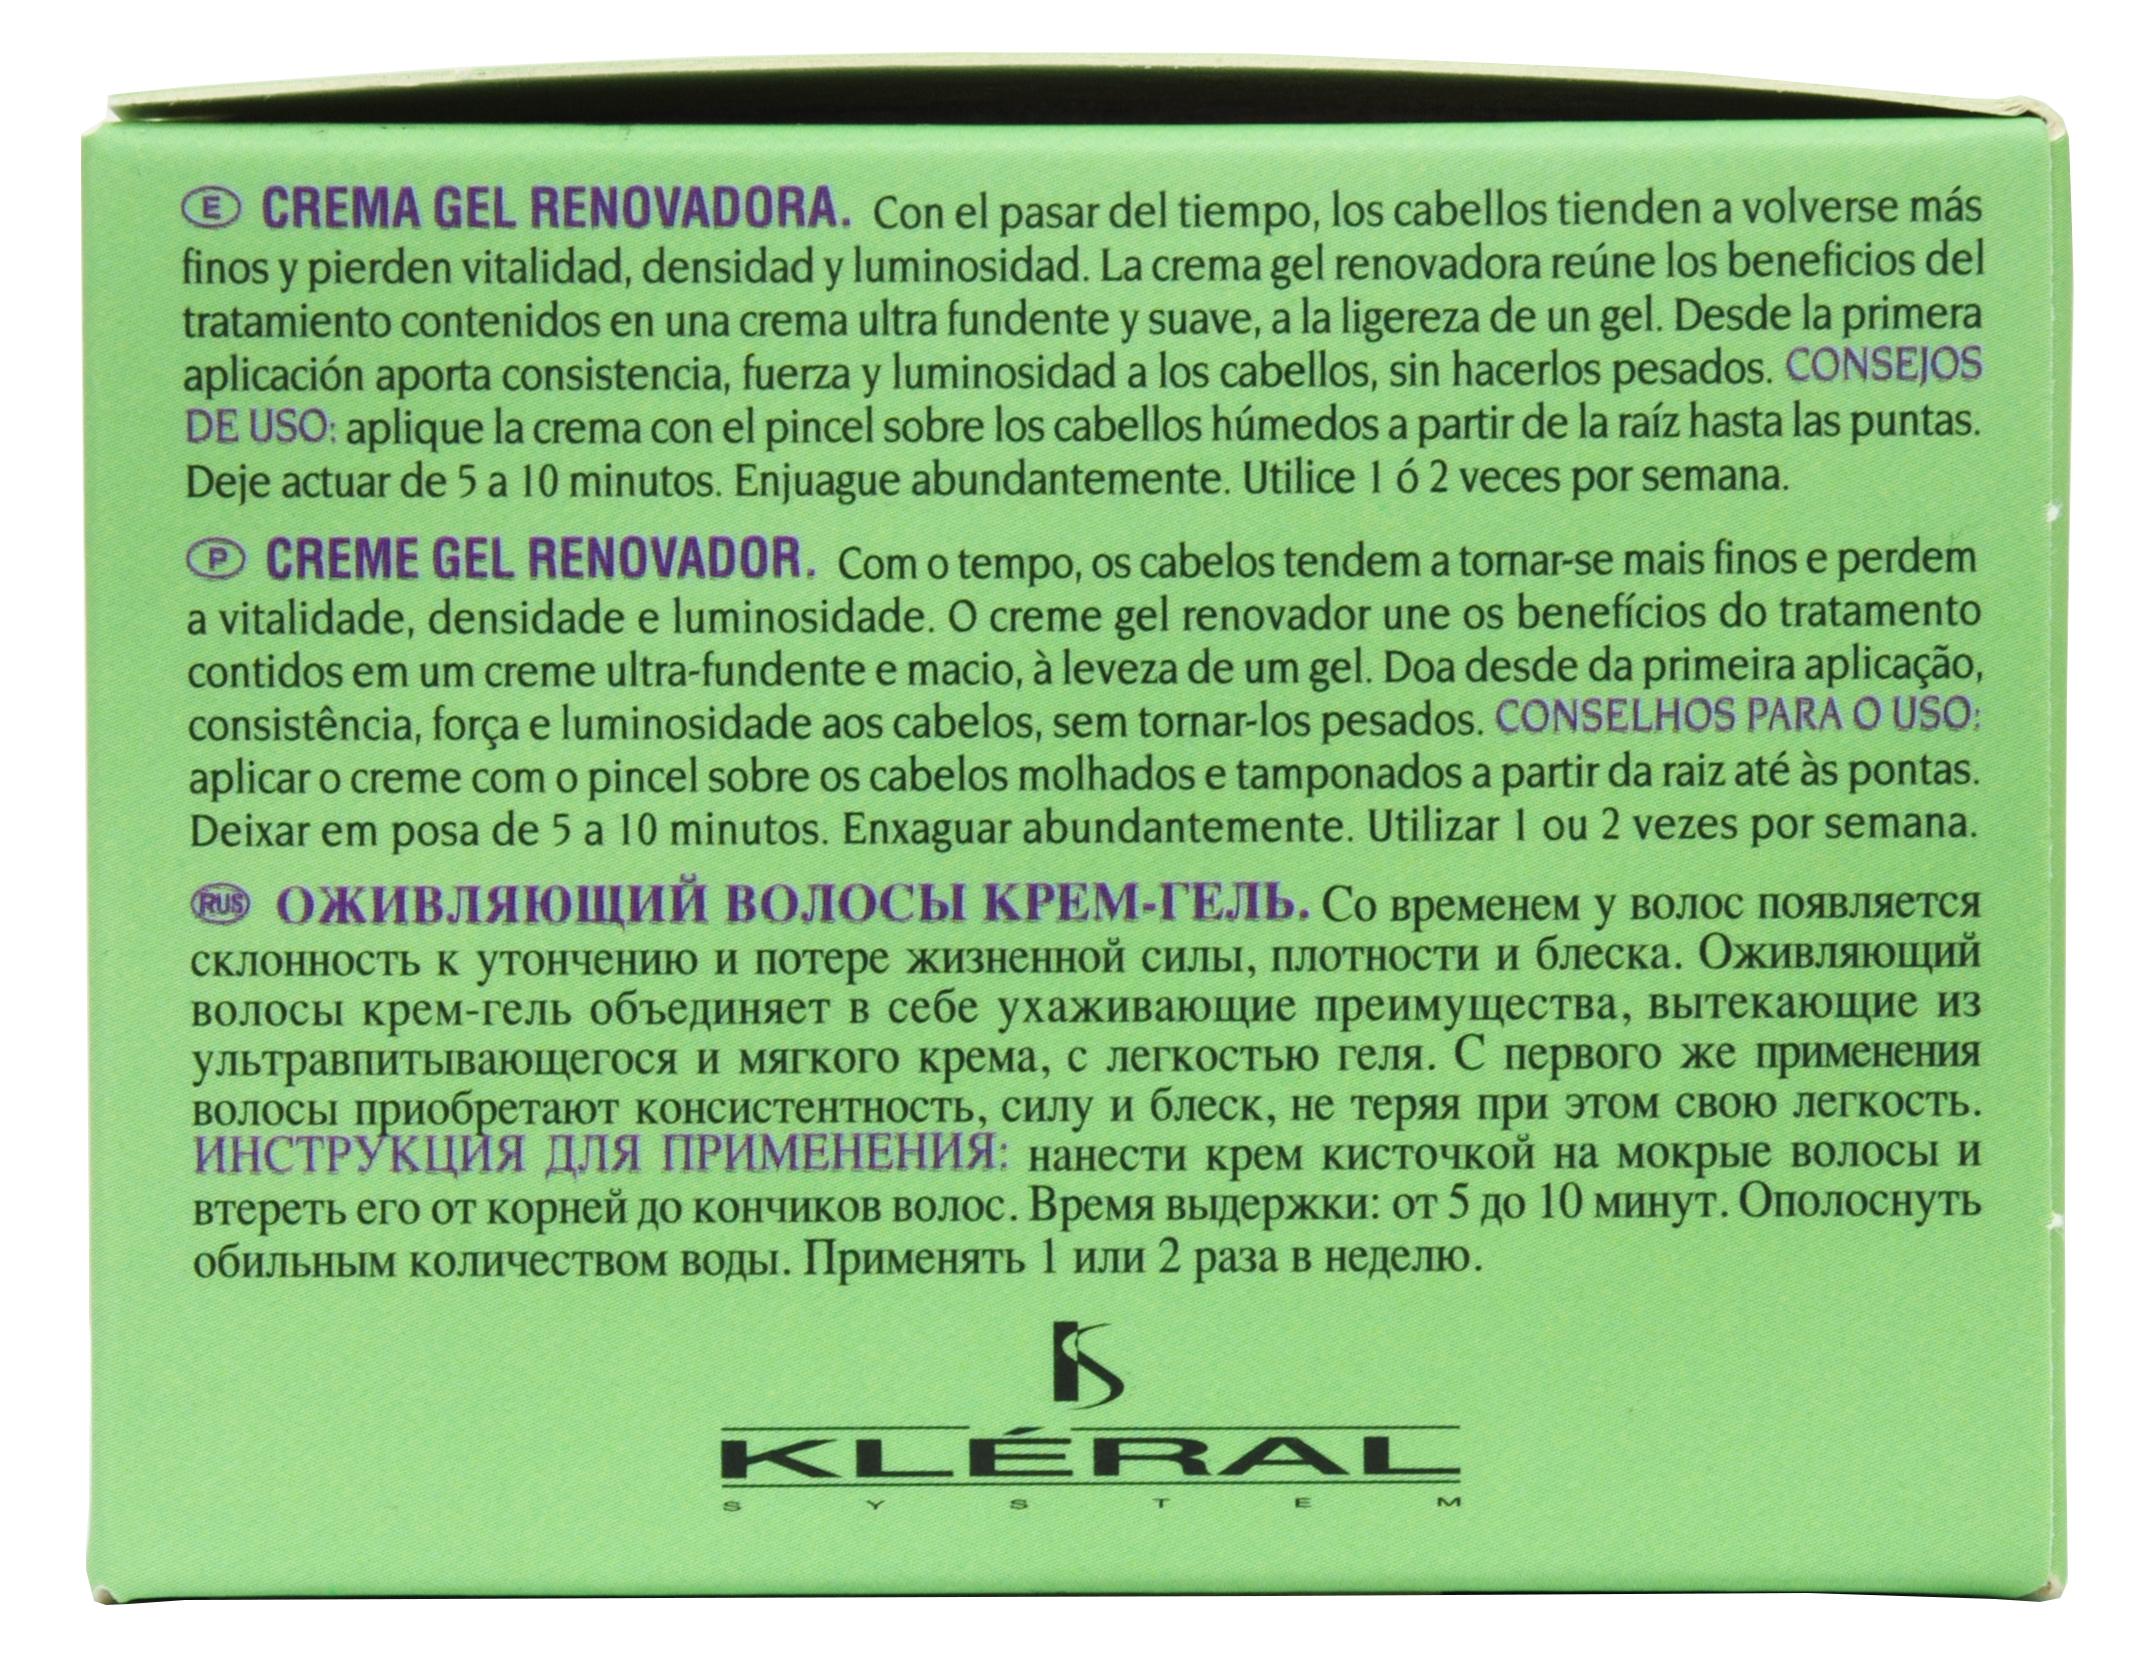 маска kleral system